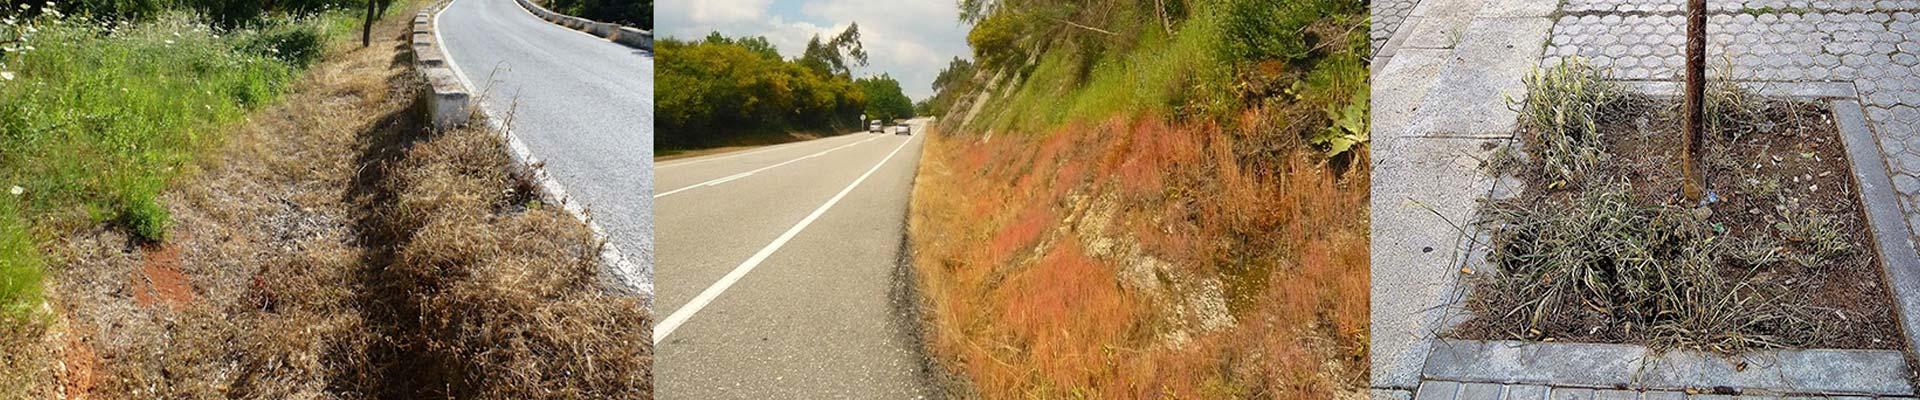 Aplicaciones de nuestro herbicida ecológico